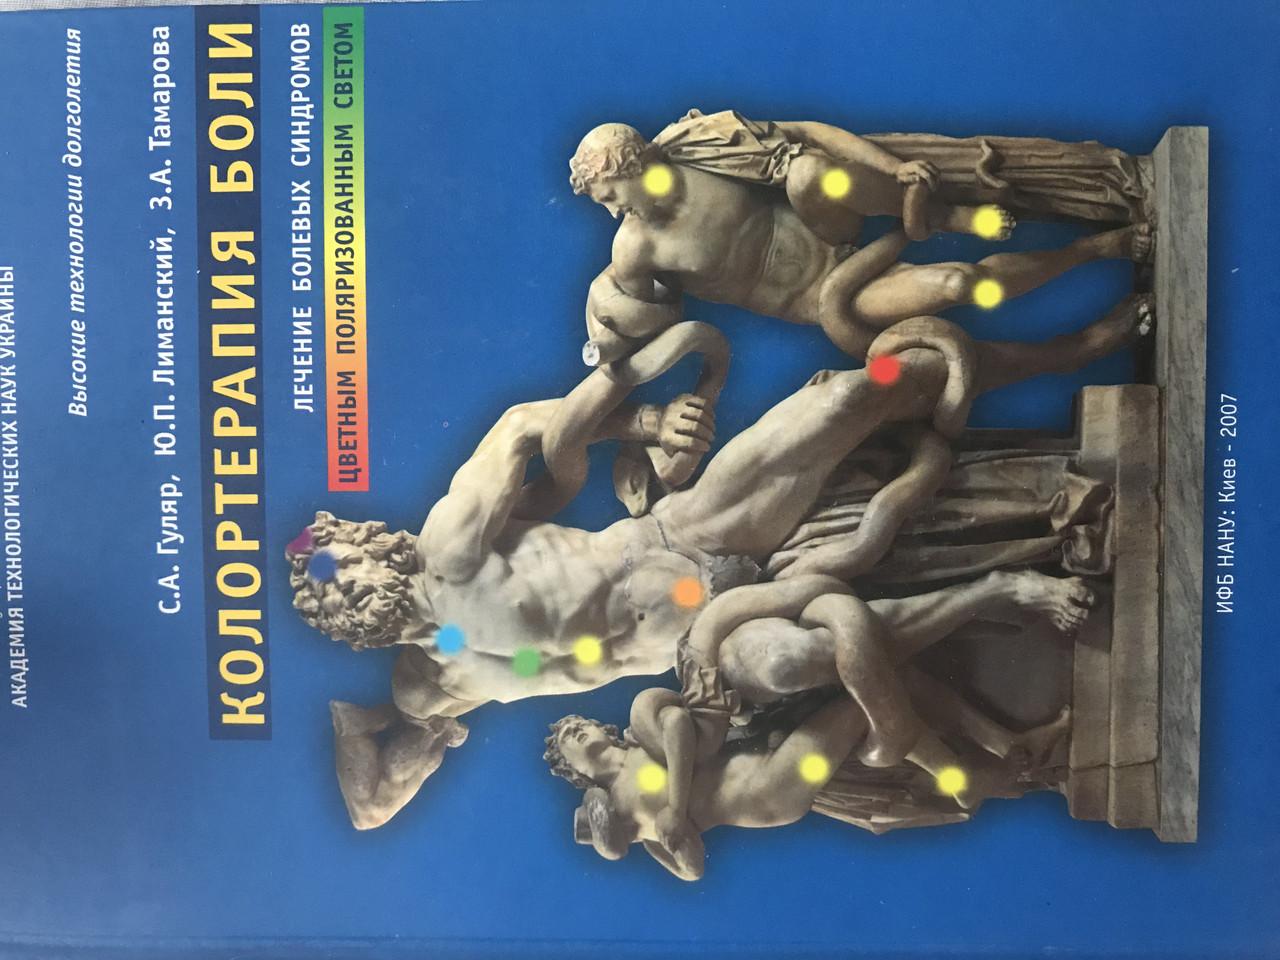 Книга Биоптрон цветотерапия Цептер по точкам лечение и снятие боли